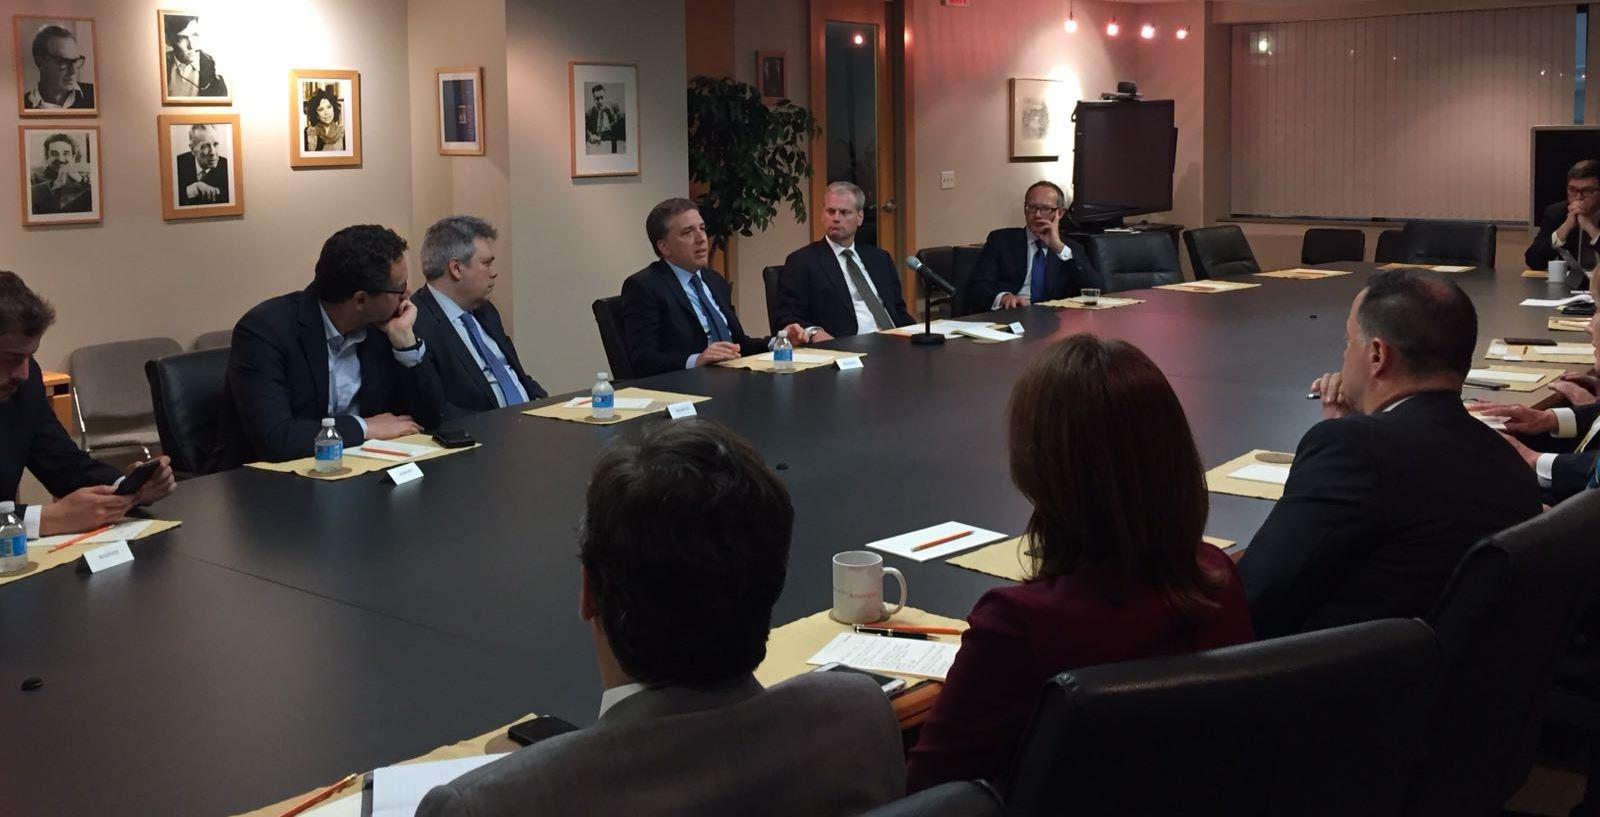 Dujovne viajó a la asamblea anual del Fondo Monetario Internacional (FMI) y del Banco Mundial (BM)